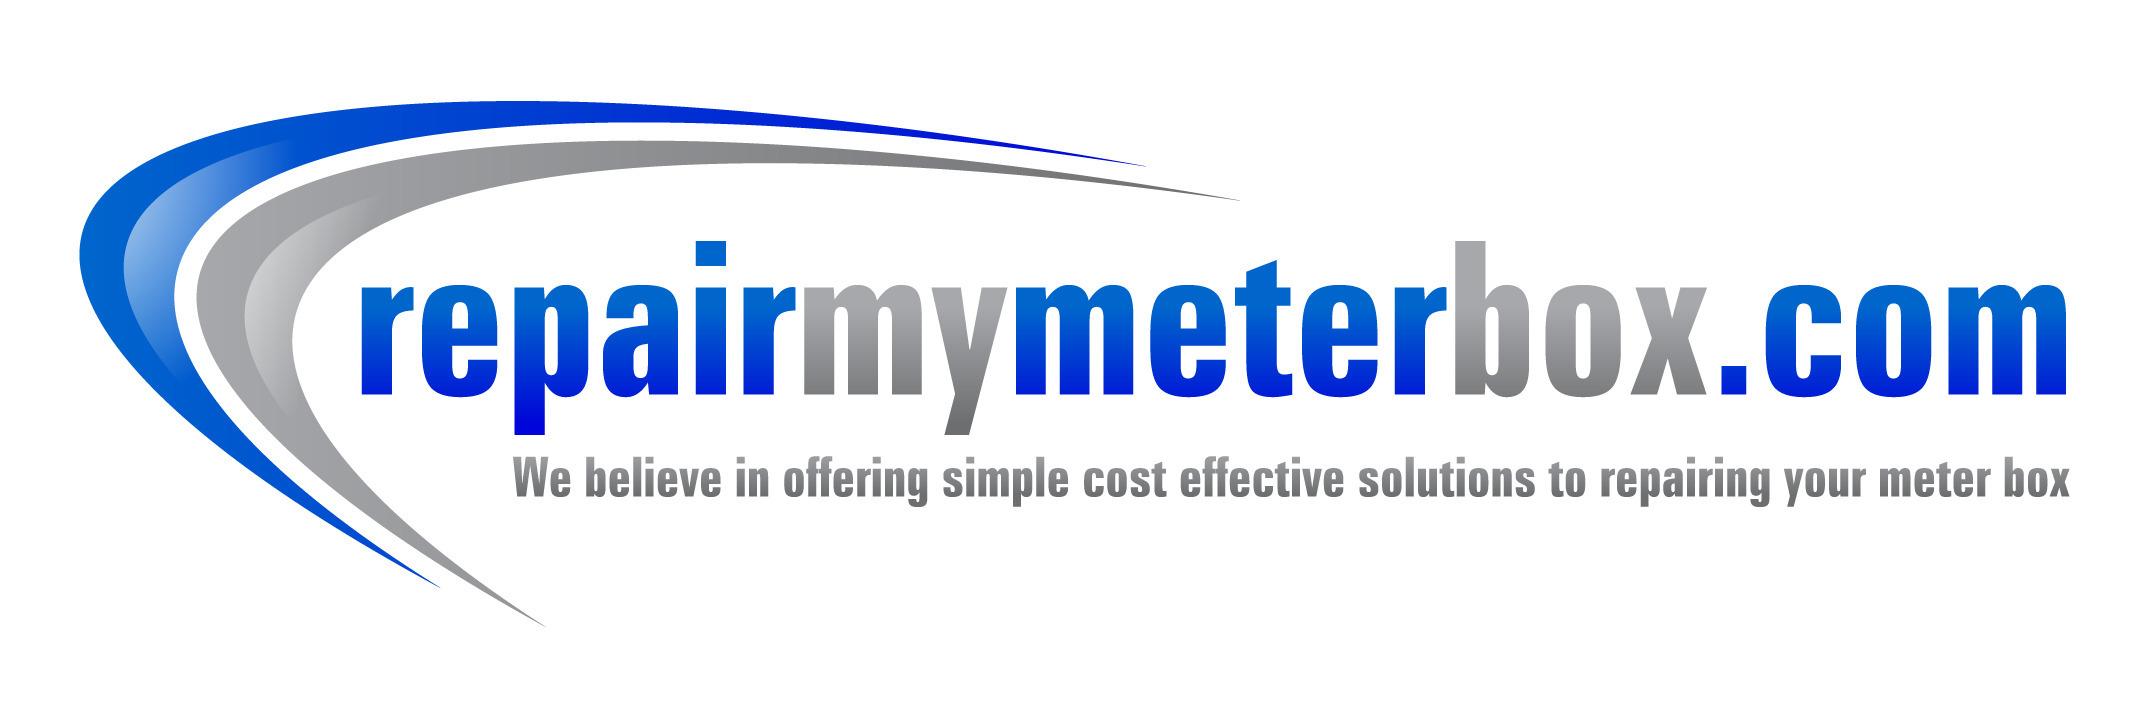 Repairmymeterbox (@repairmymeterbox) Cover Image